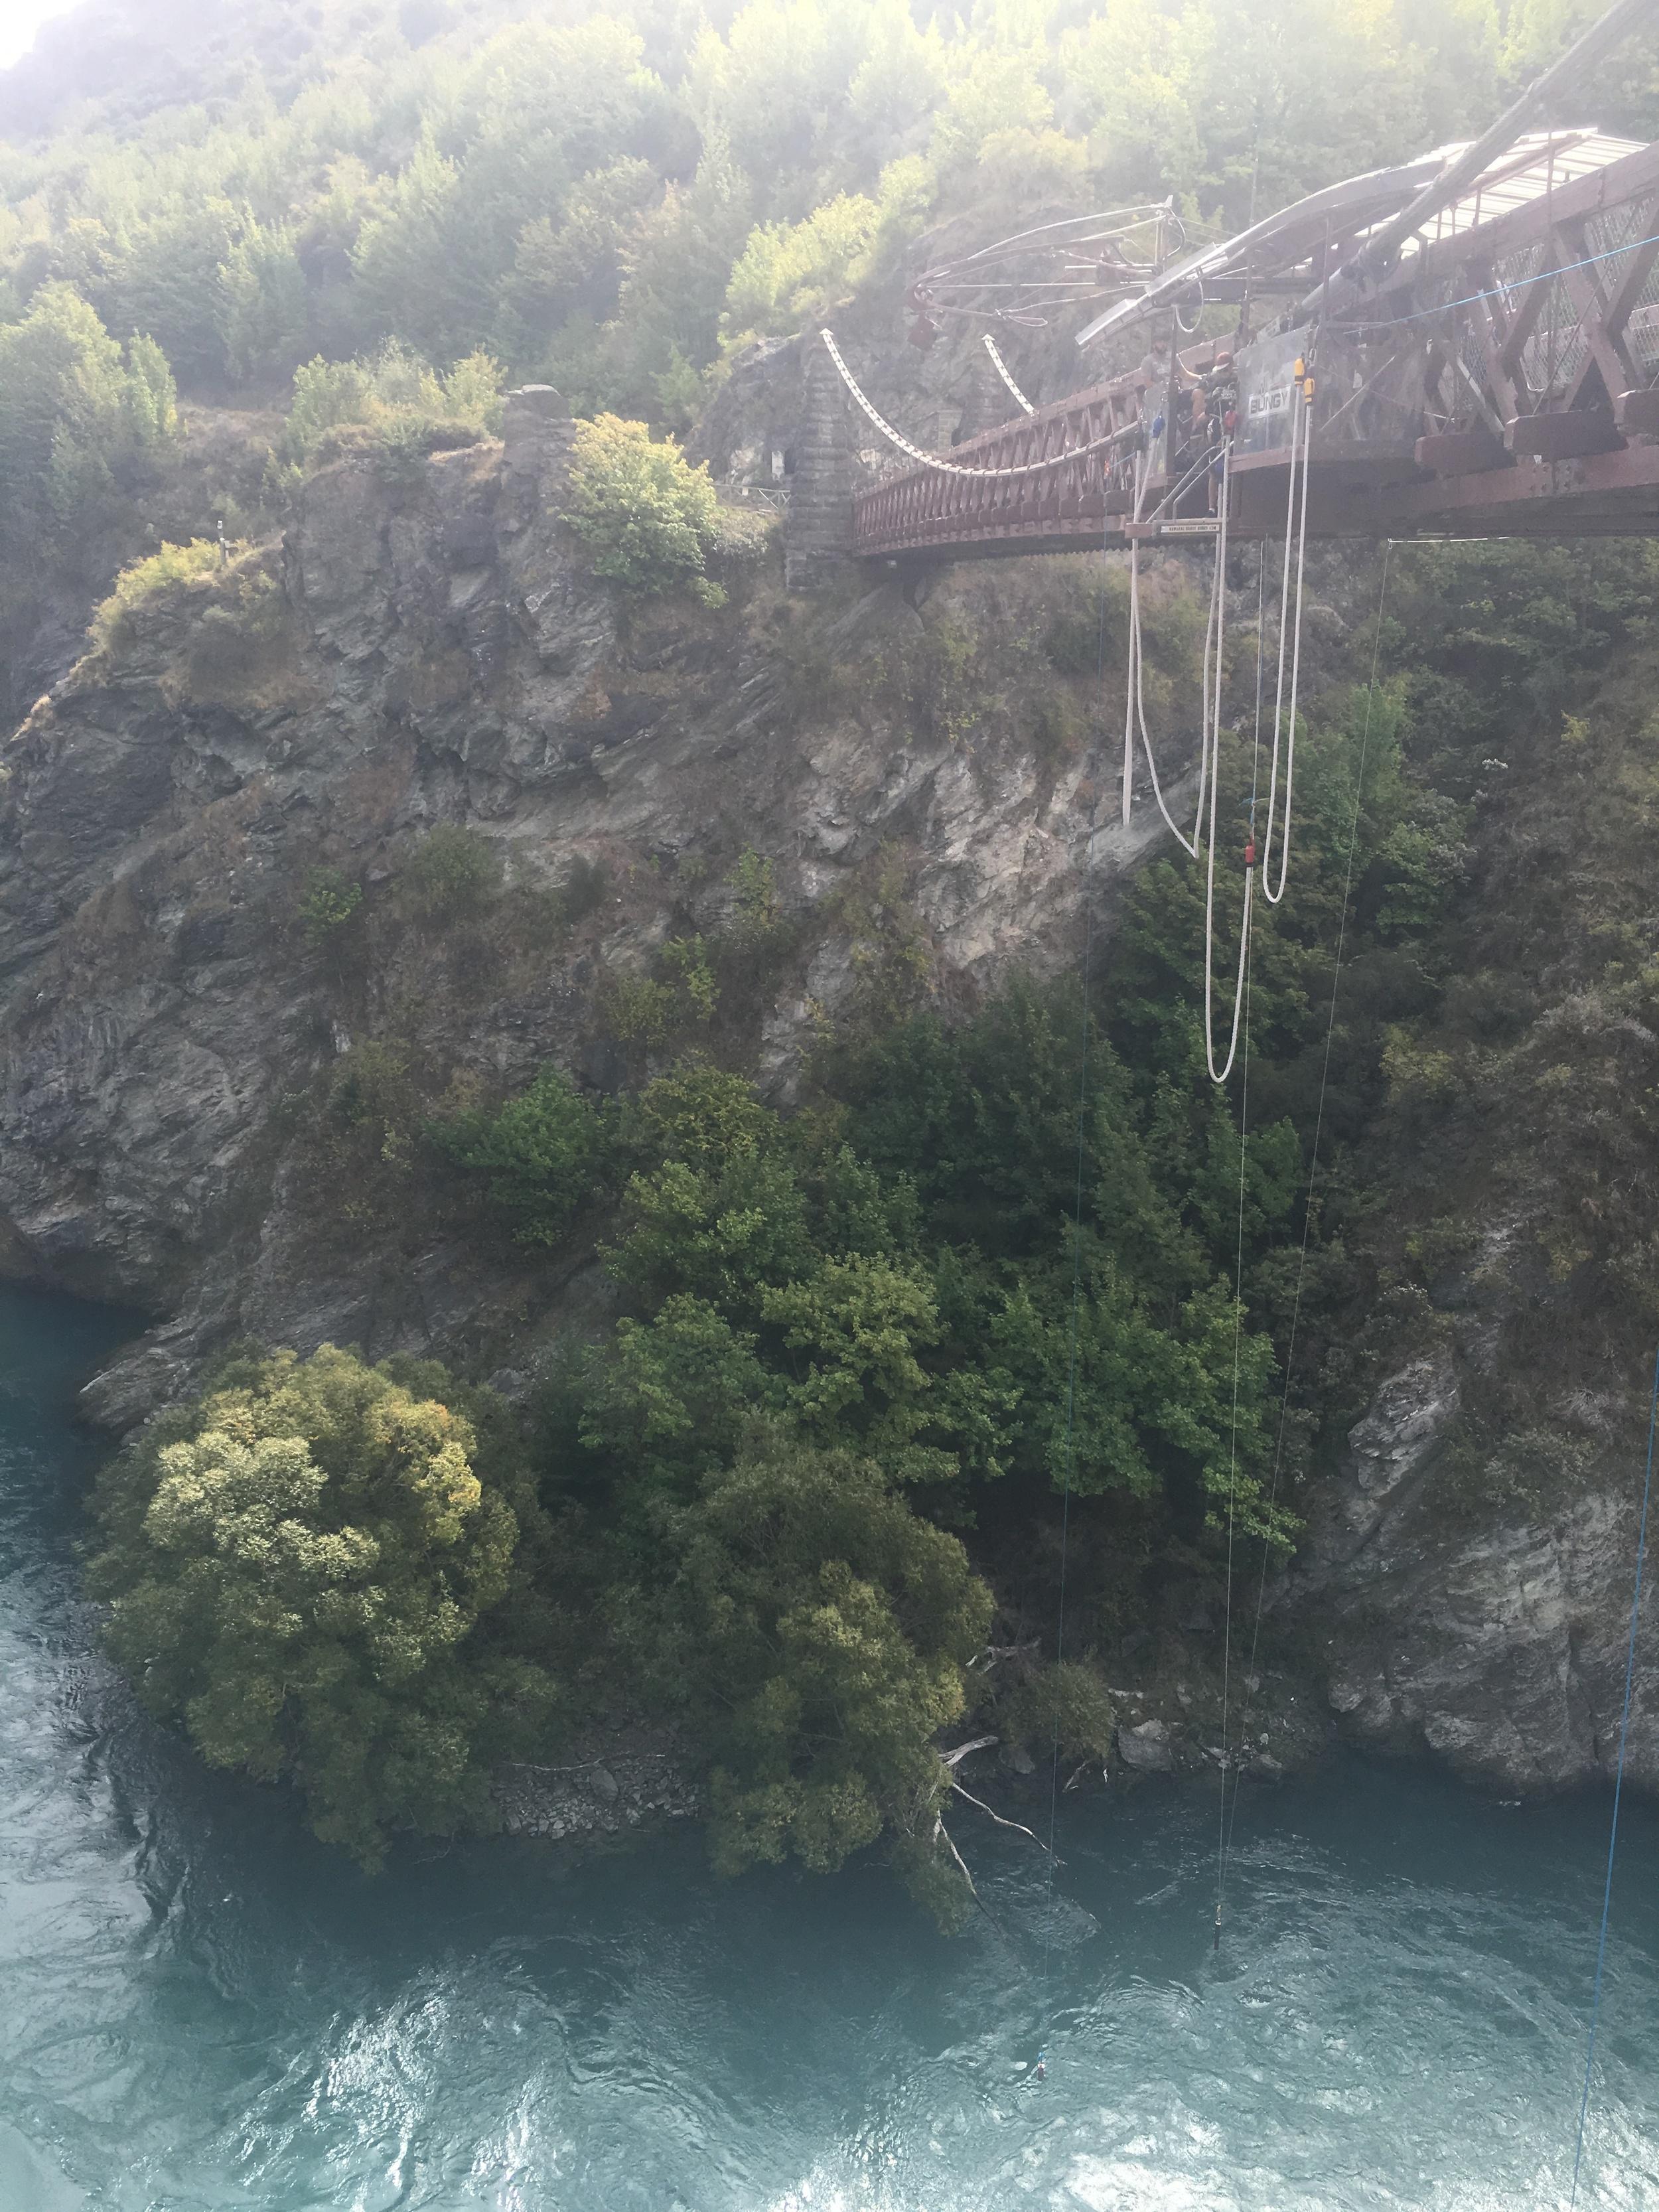 AJ Hackett Bungy Jump at Kawarau Bridge